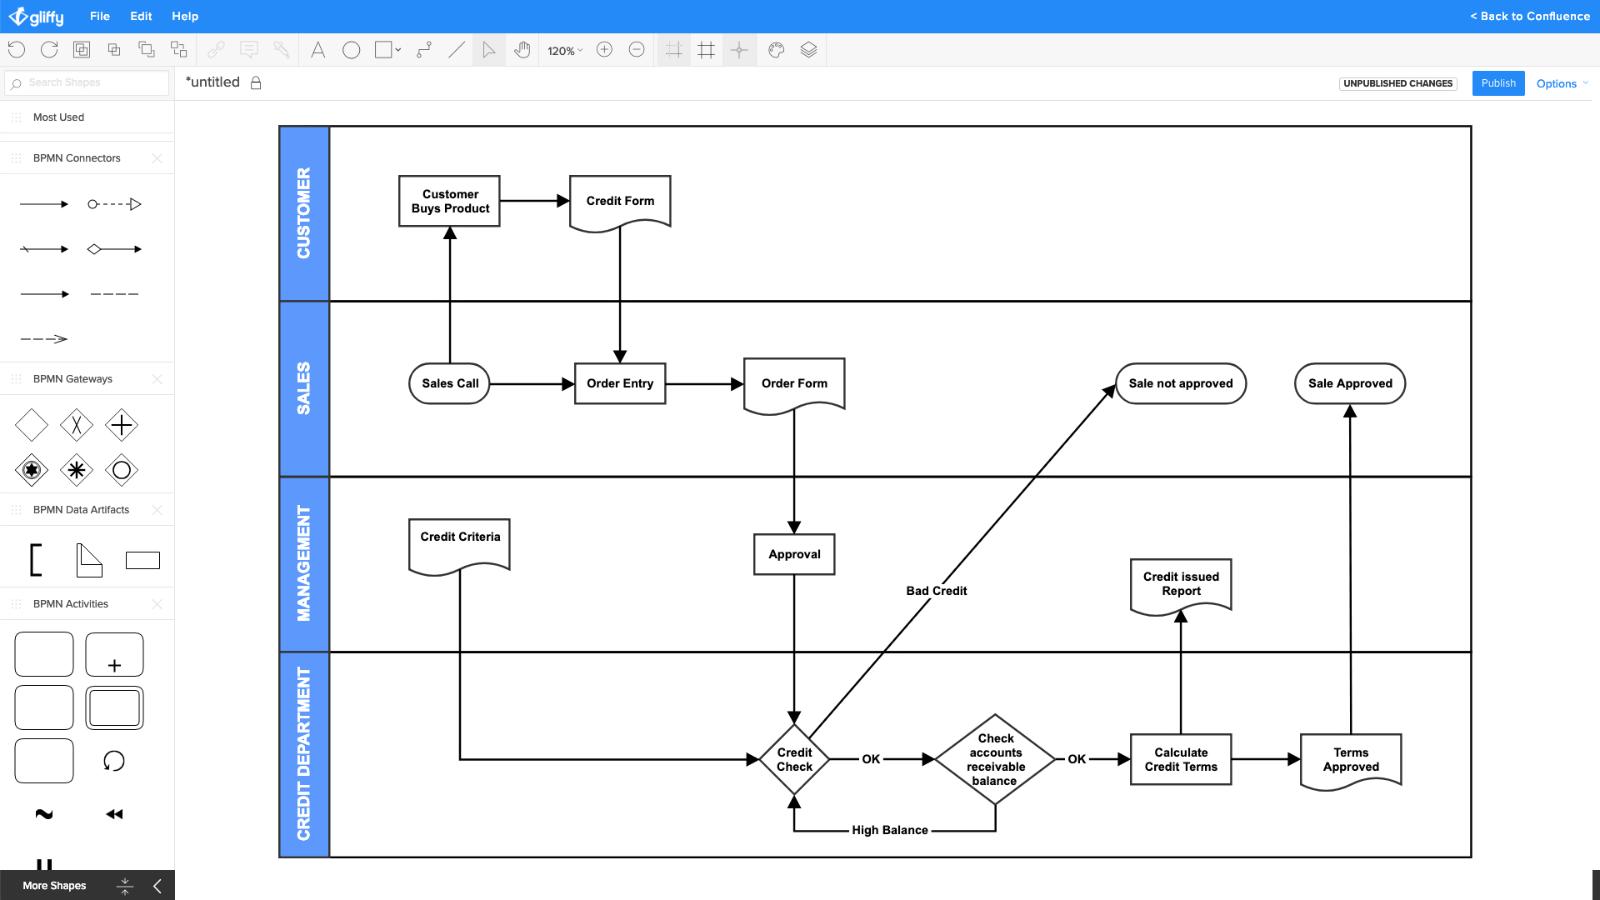 Ejemplo de diagrama de un proceso de transacción de comercio electrónico por cortesía de Gliffy